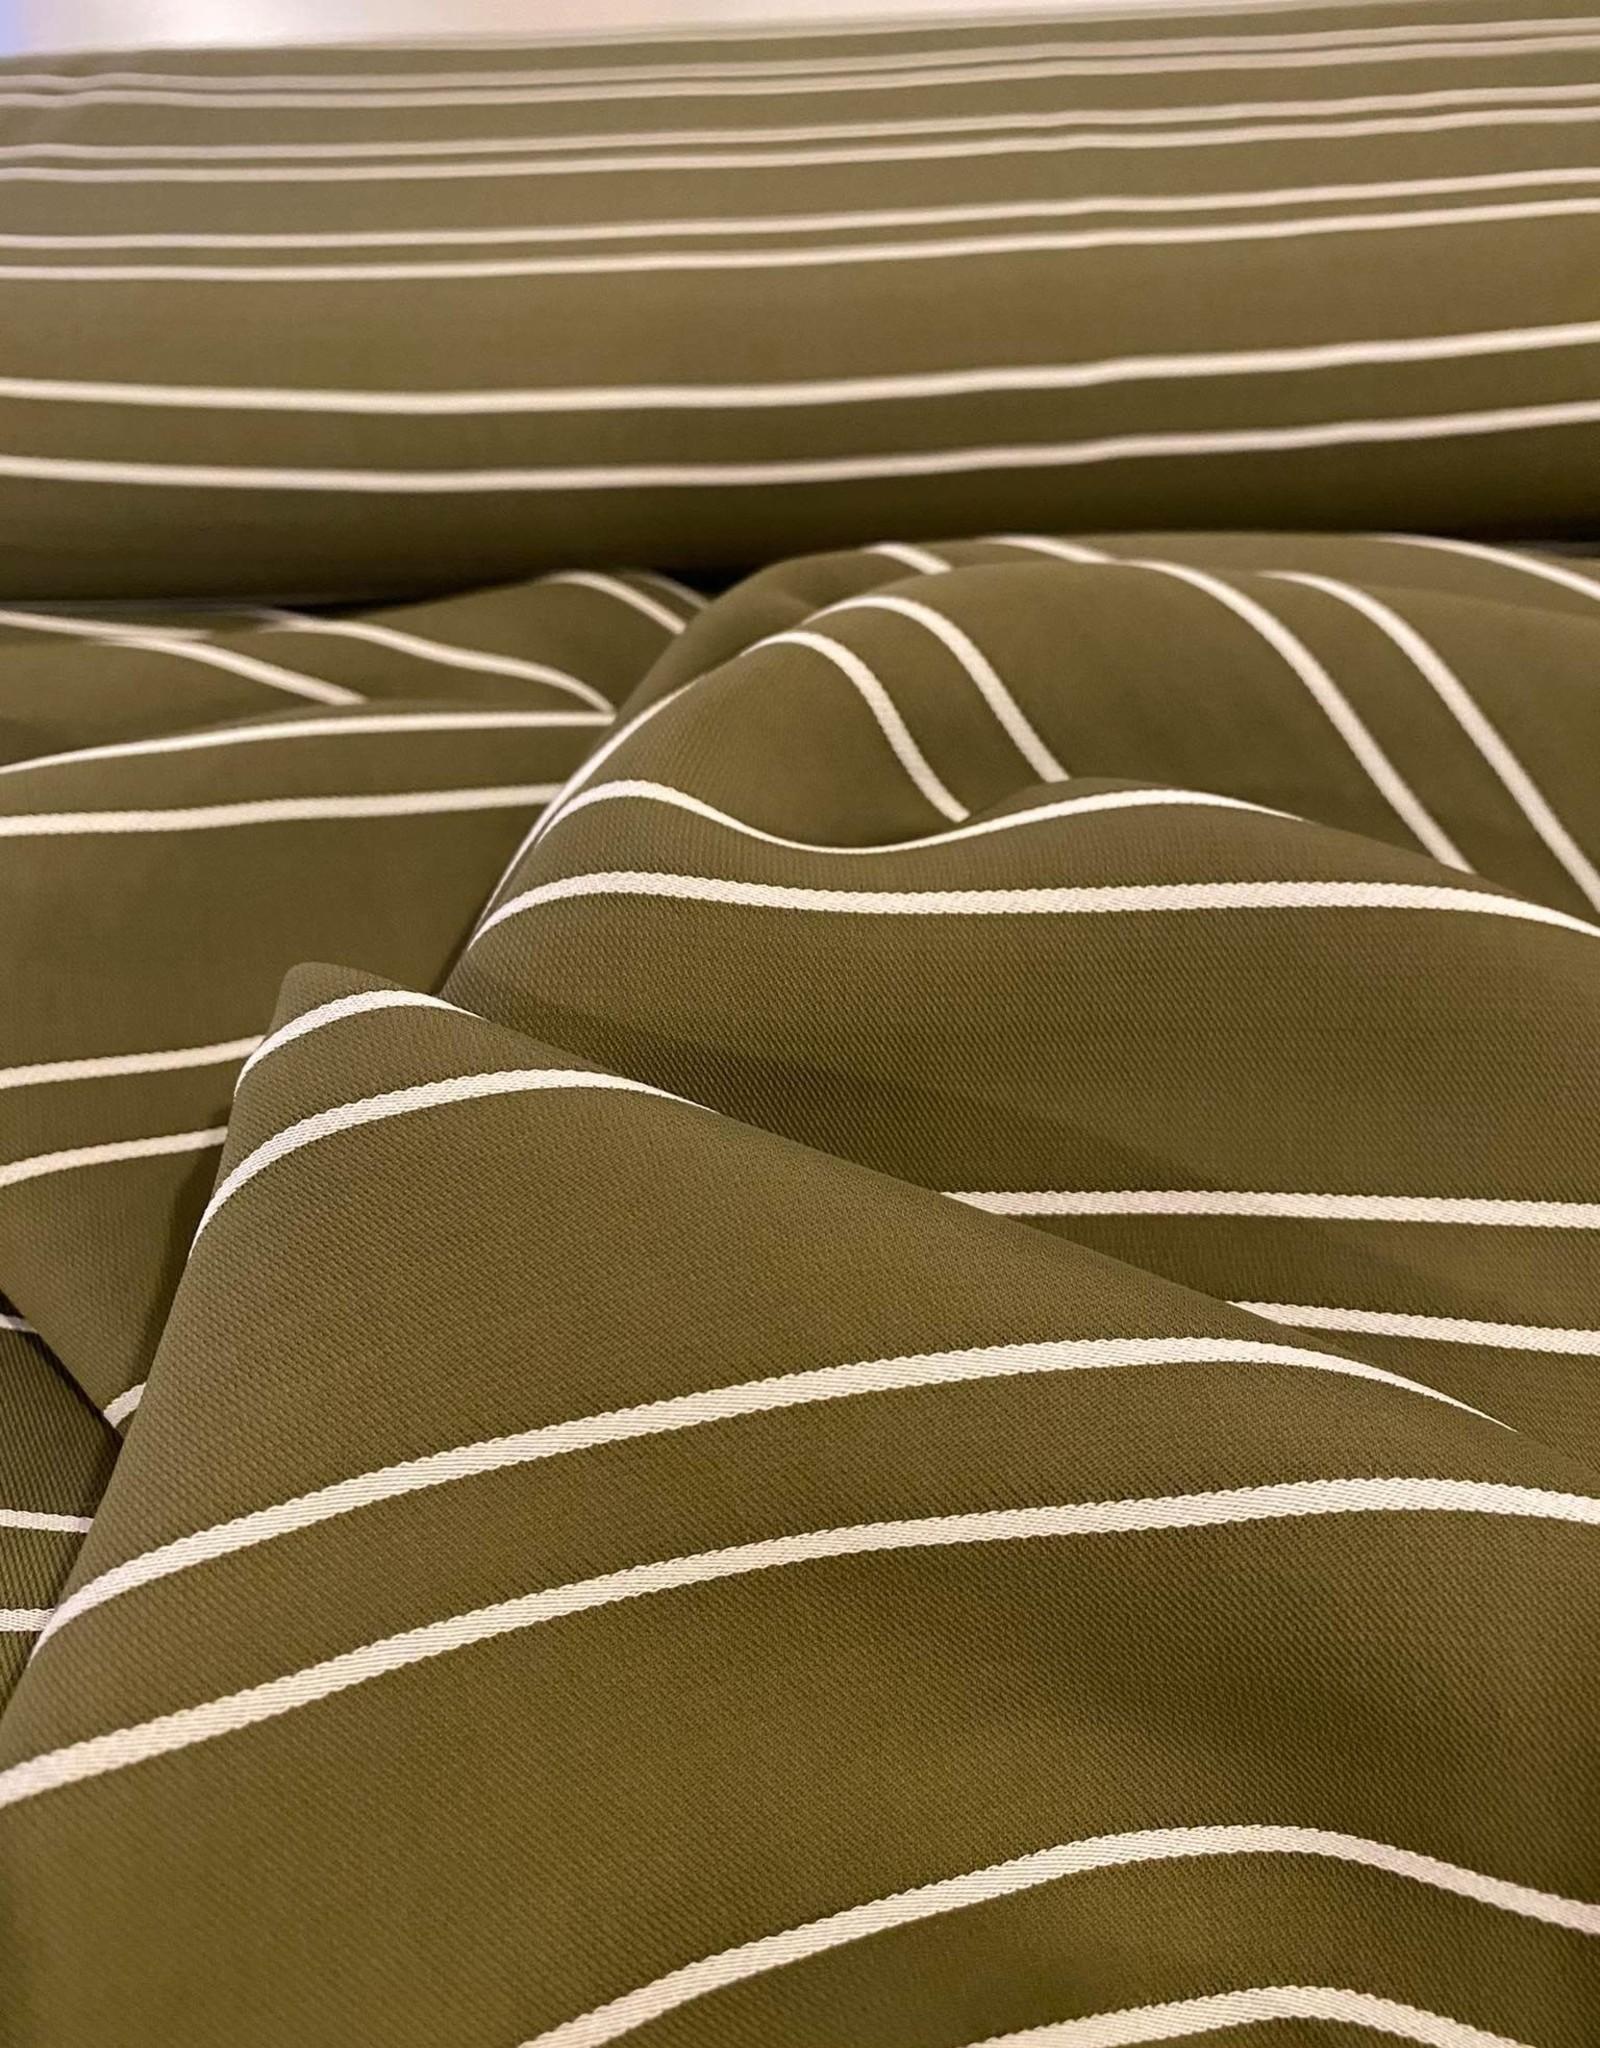 Viscose - Stripes Khaki